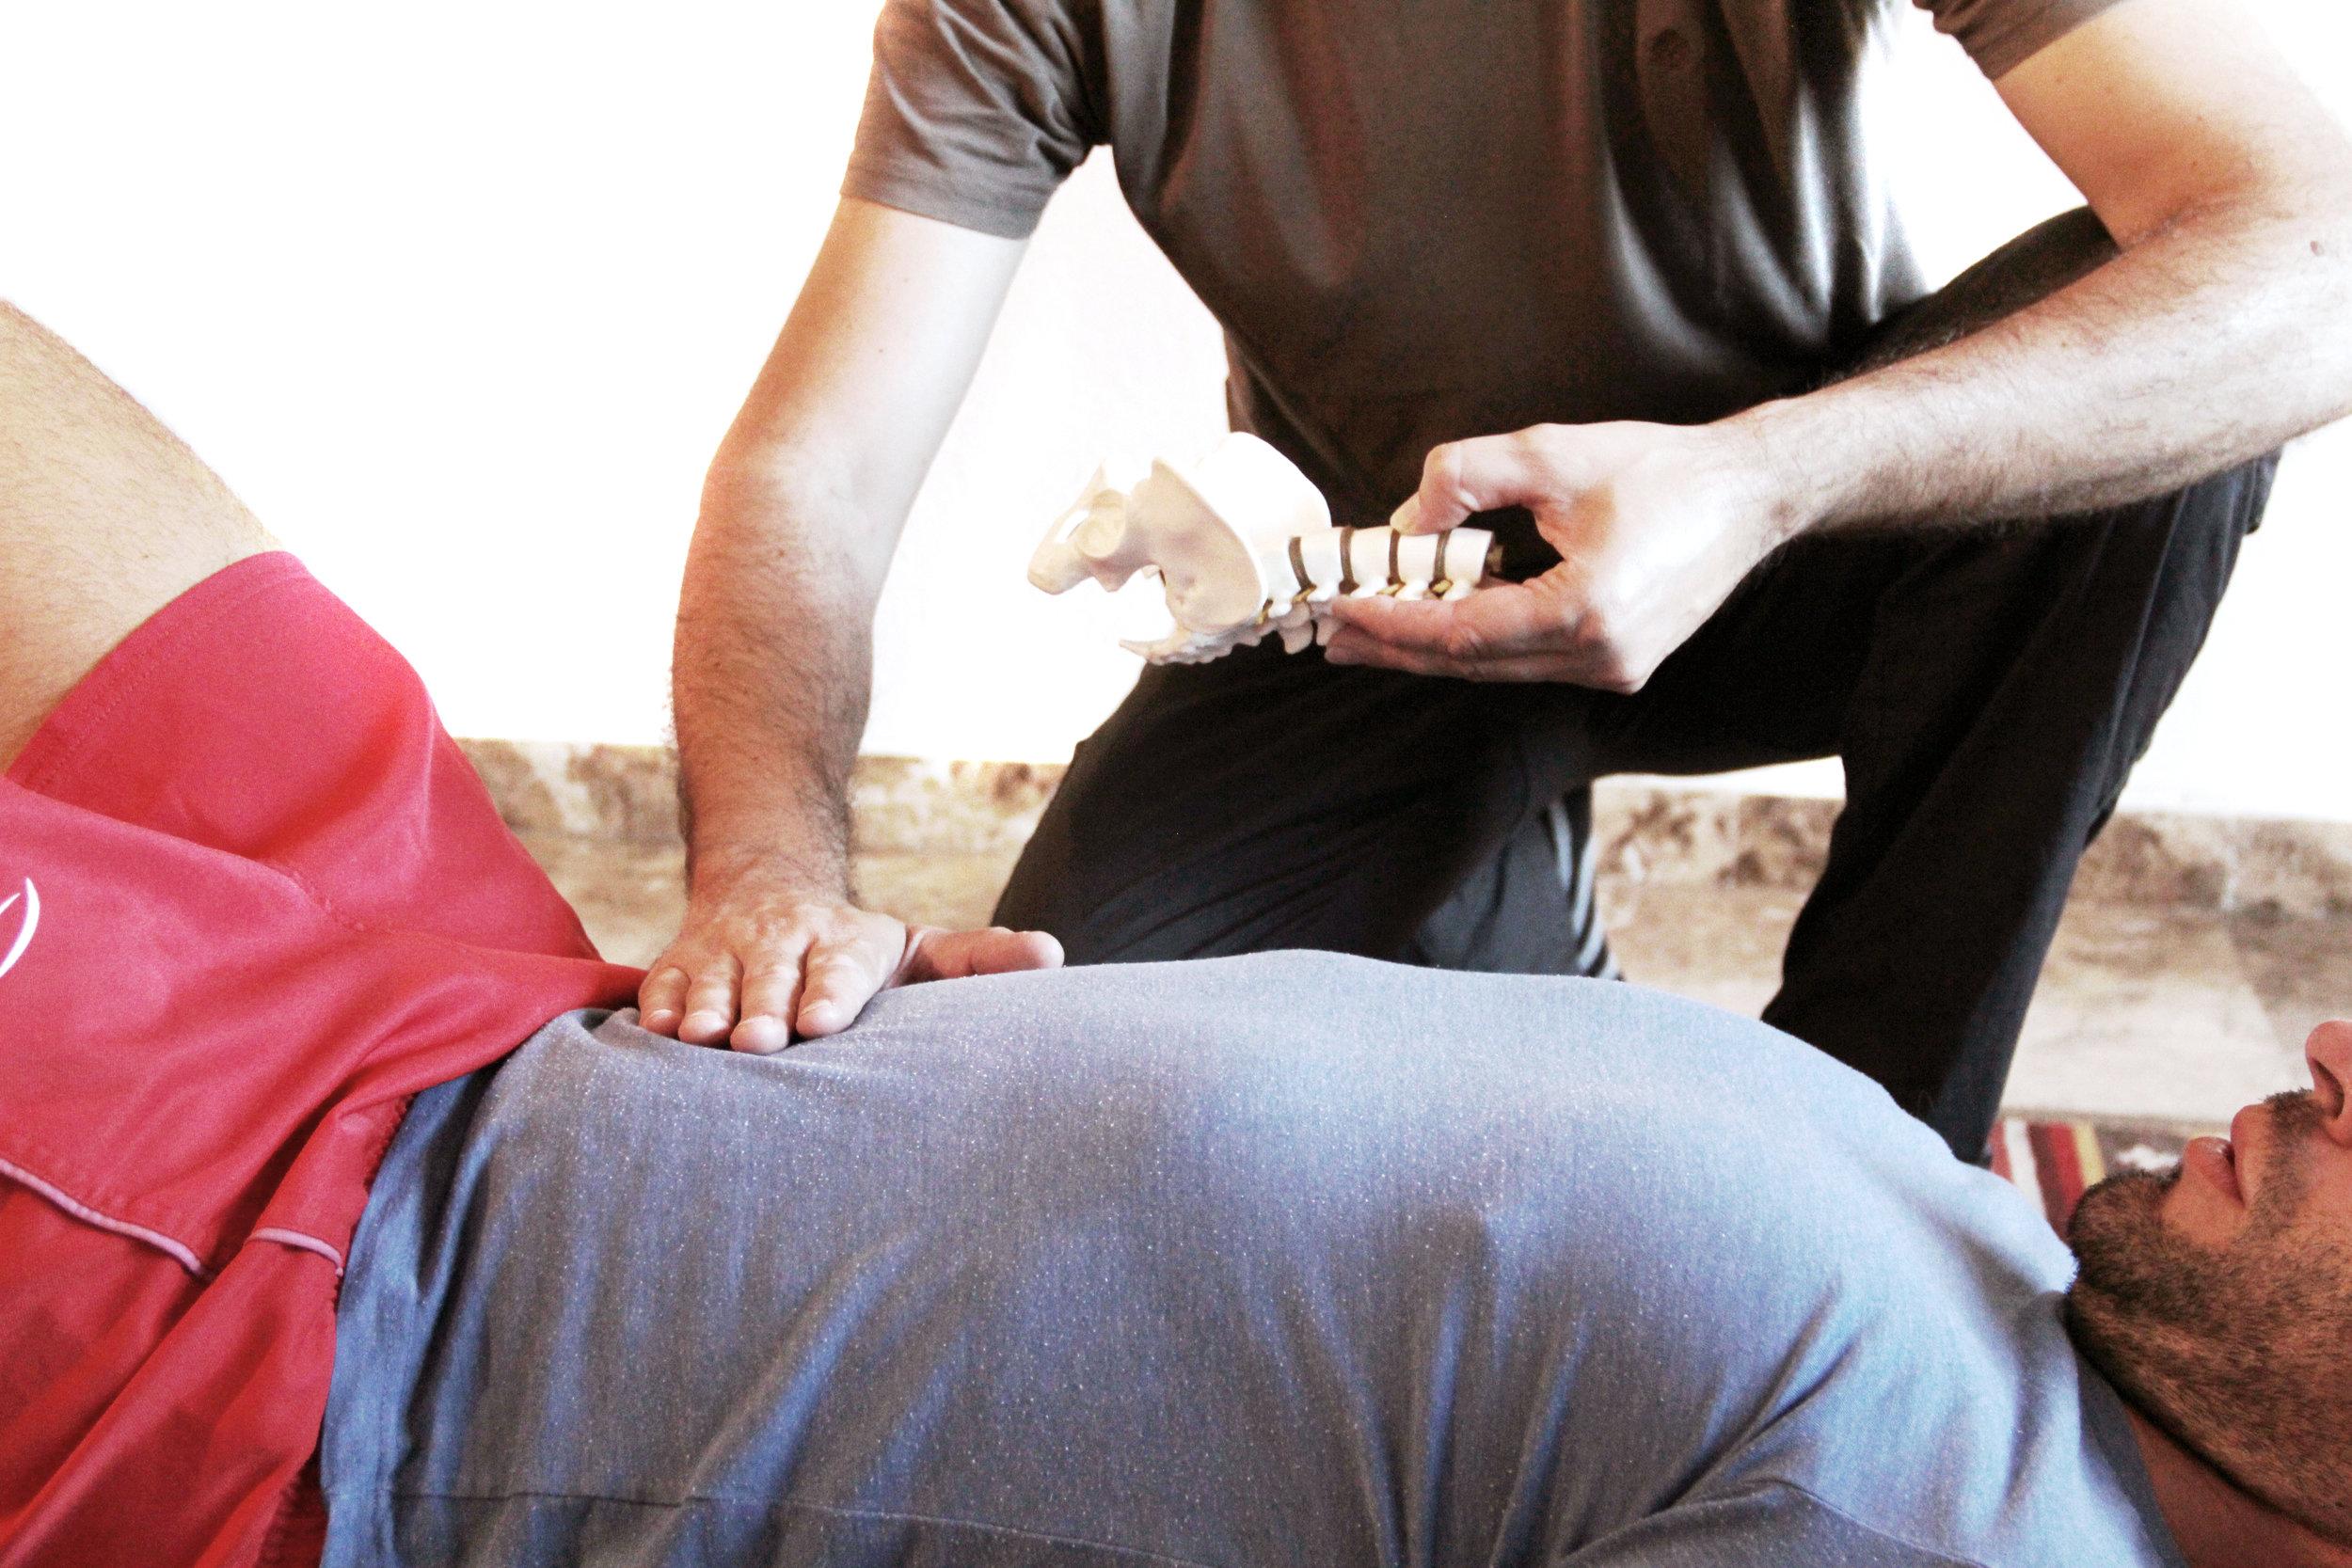 El trabajo de abdominales profundos es una característica importante del método pilates.